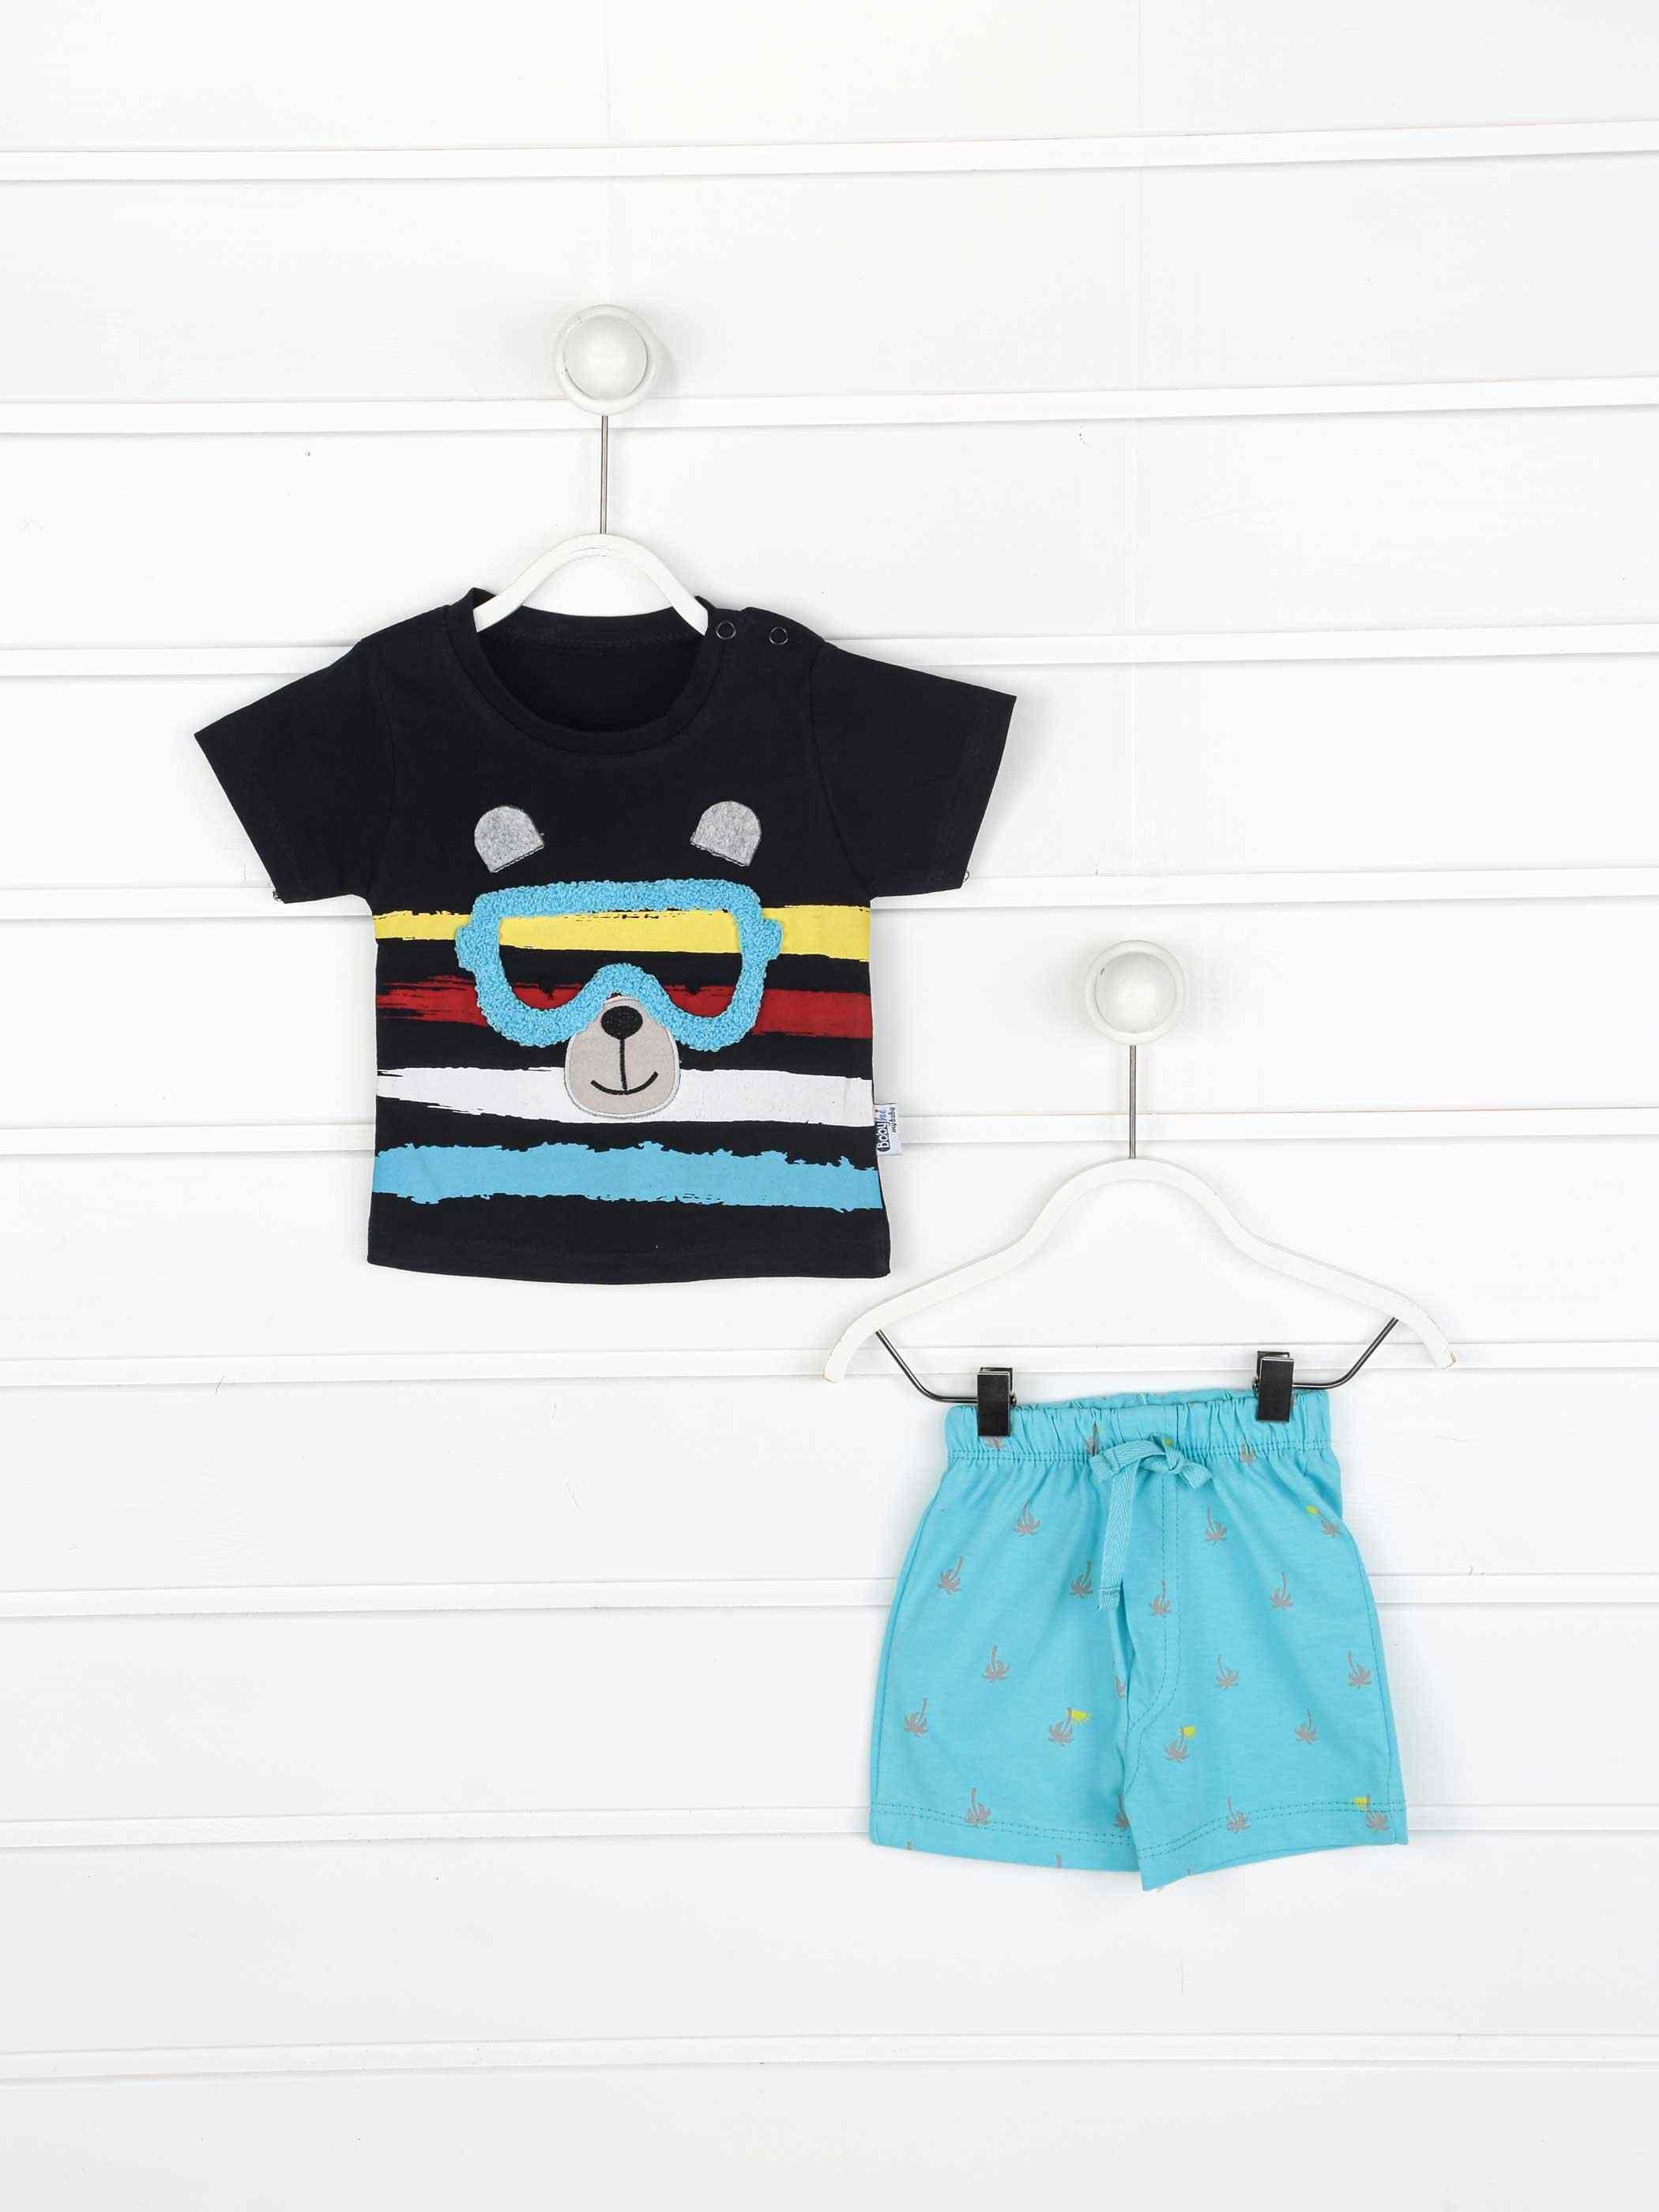 เด็กทารกเด็กทารก 2 ชิ้นกางเกงขาสั้นเสื้อยืดชุดลำลองเสื้อผ้าผ้าฝ้ายทุกวันฤดูร้อนทารกชุดรุ่น